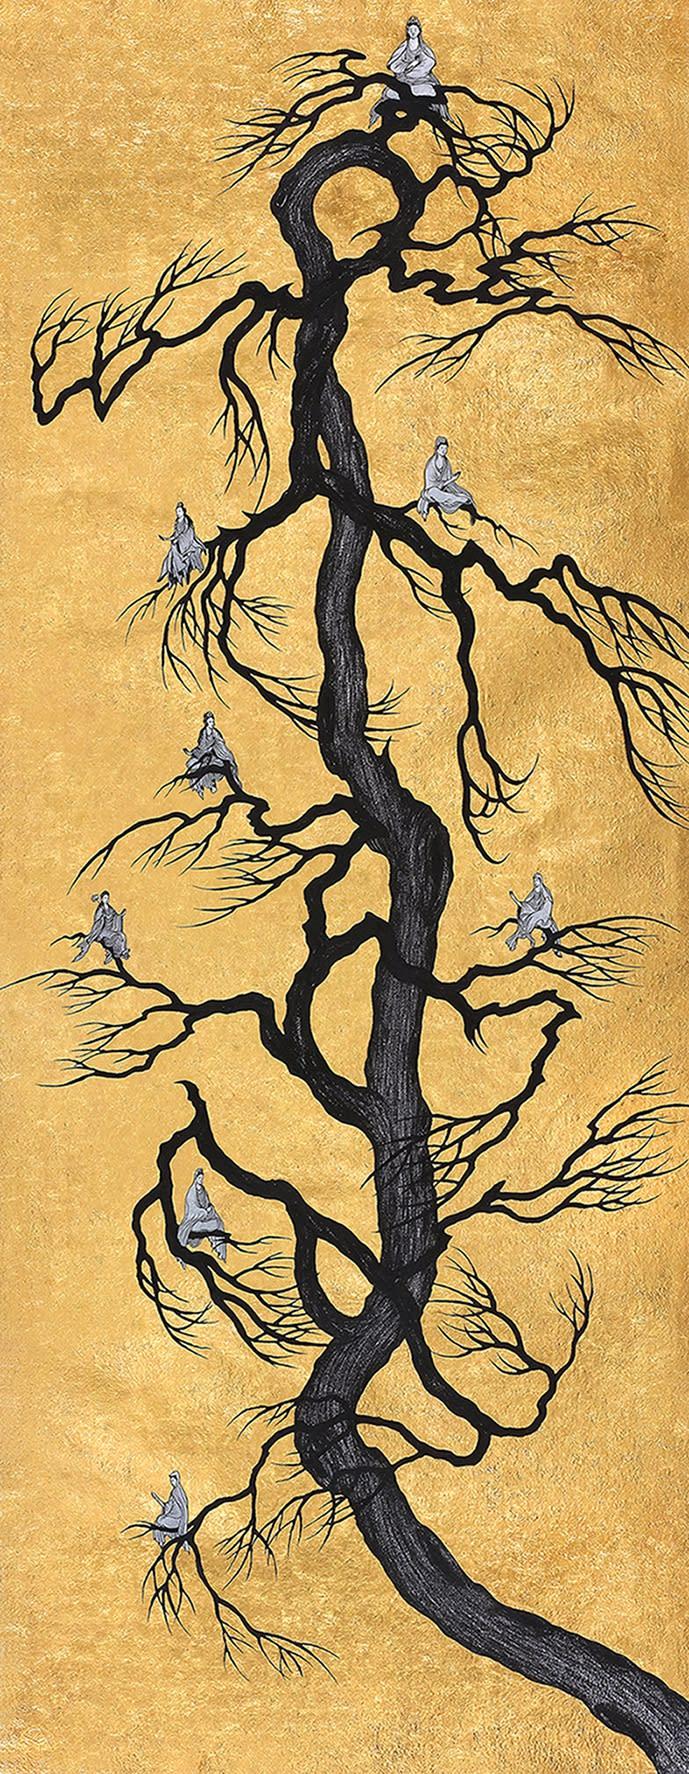 姚瑞中 離垢地:菩提本無樹, 2019 金箔.藝術筆.印度手工紙 197.5 × 77.5 cm